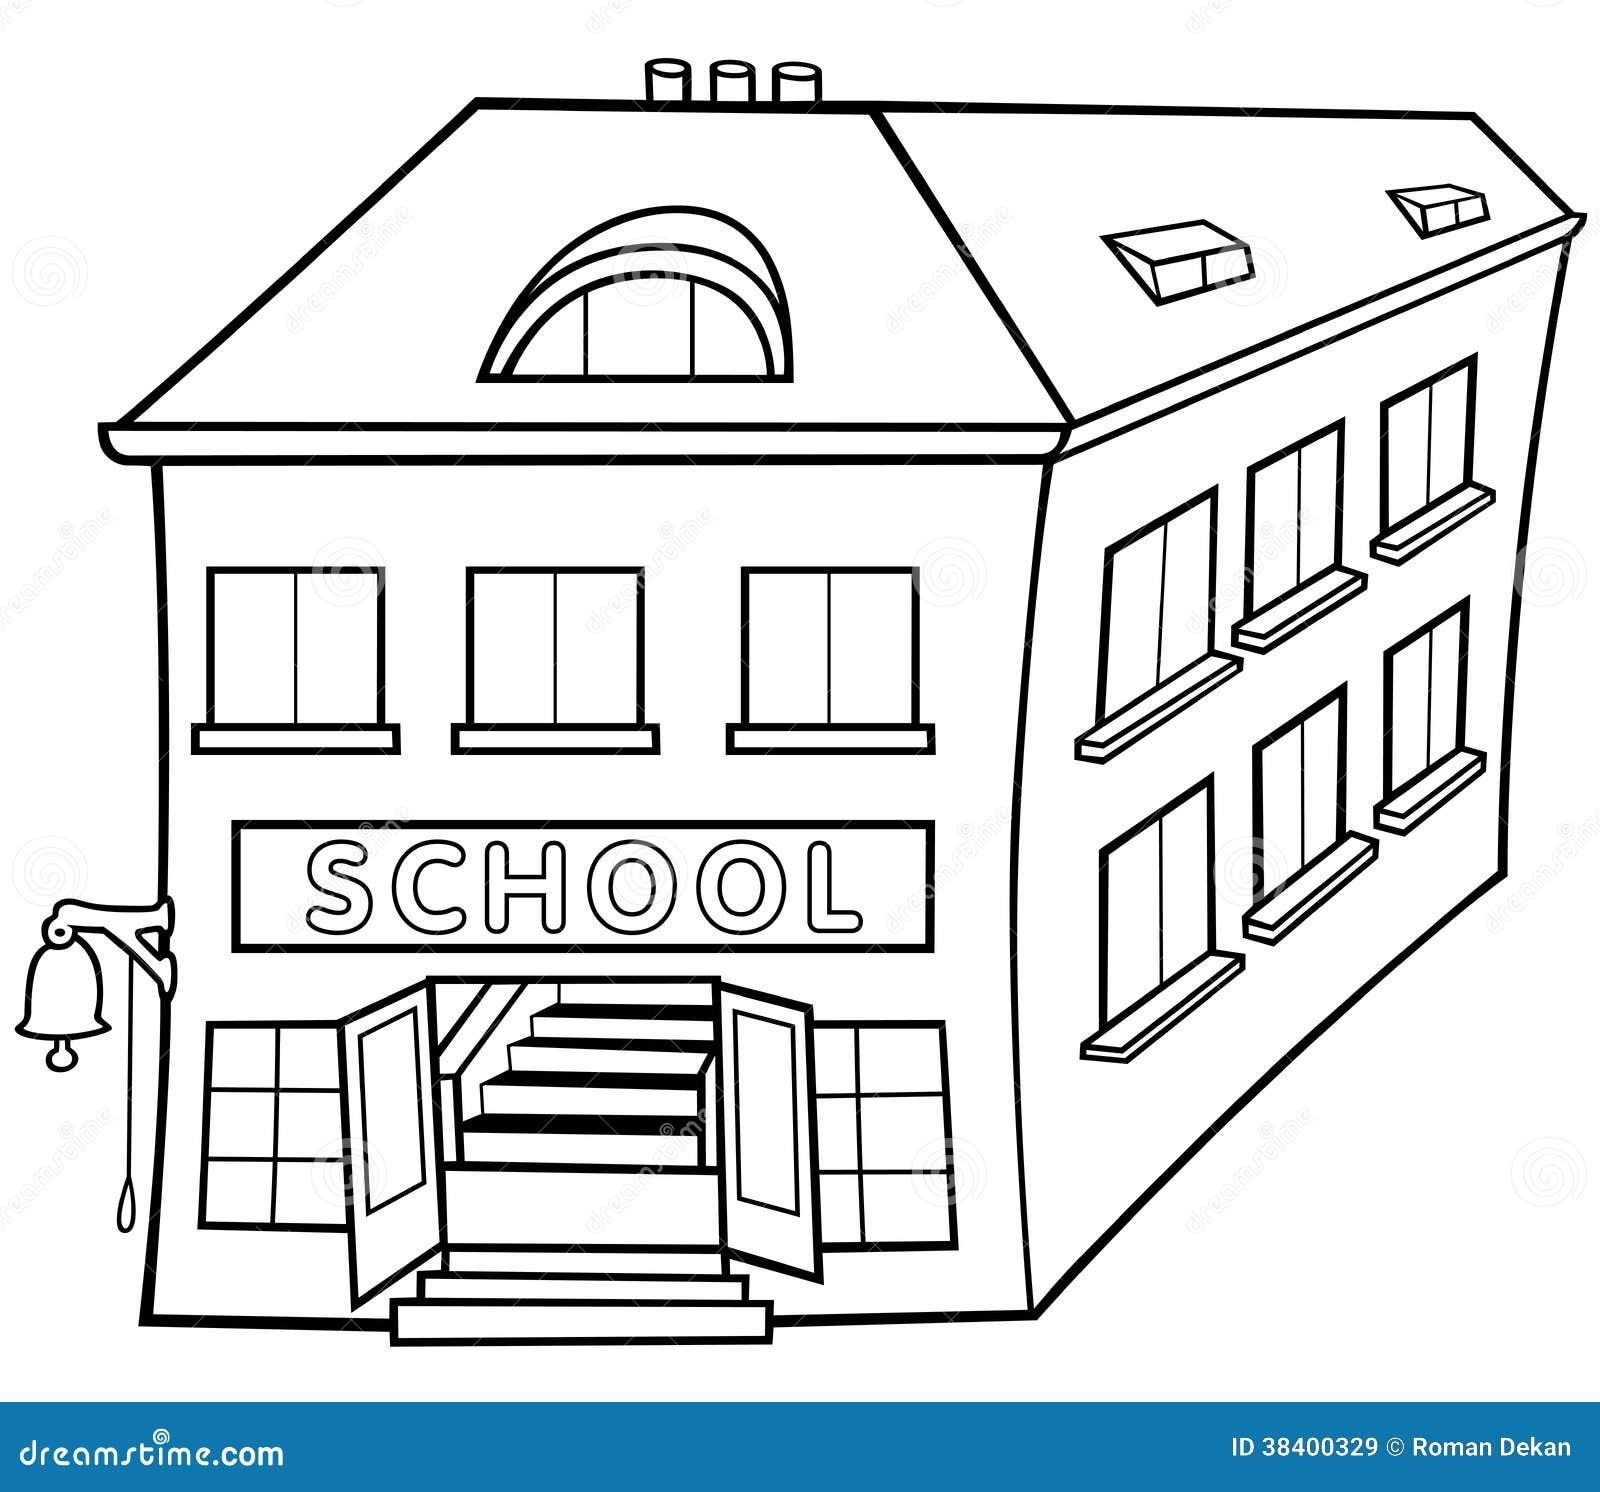 School Royalty-vrije Stock Afbeeldingen - Afbeelding: 38400329 - photo#49